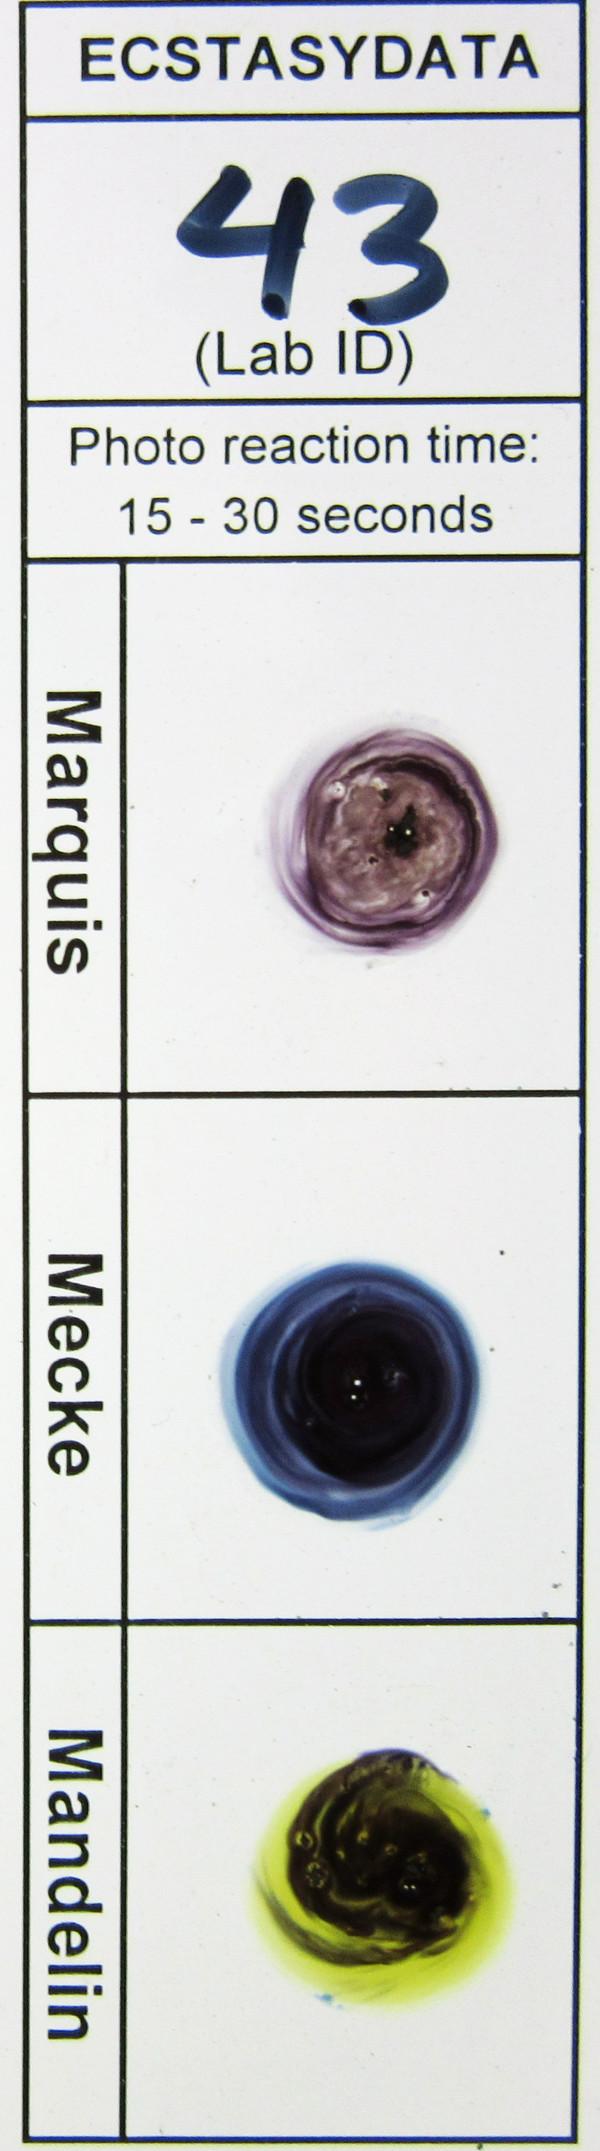 EcstasyData org: Test Details : Result #4503 - Blue Paul Frank